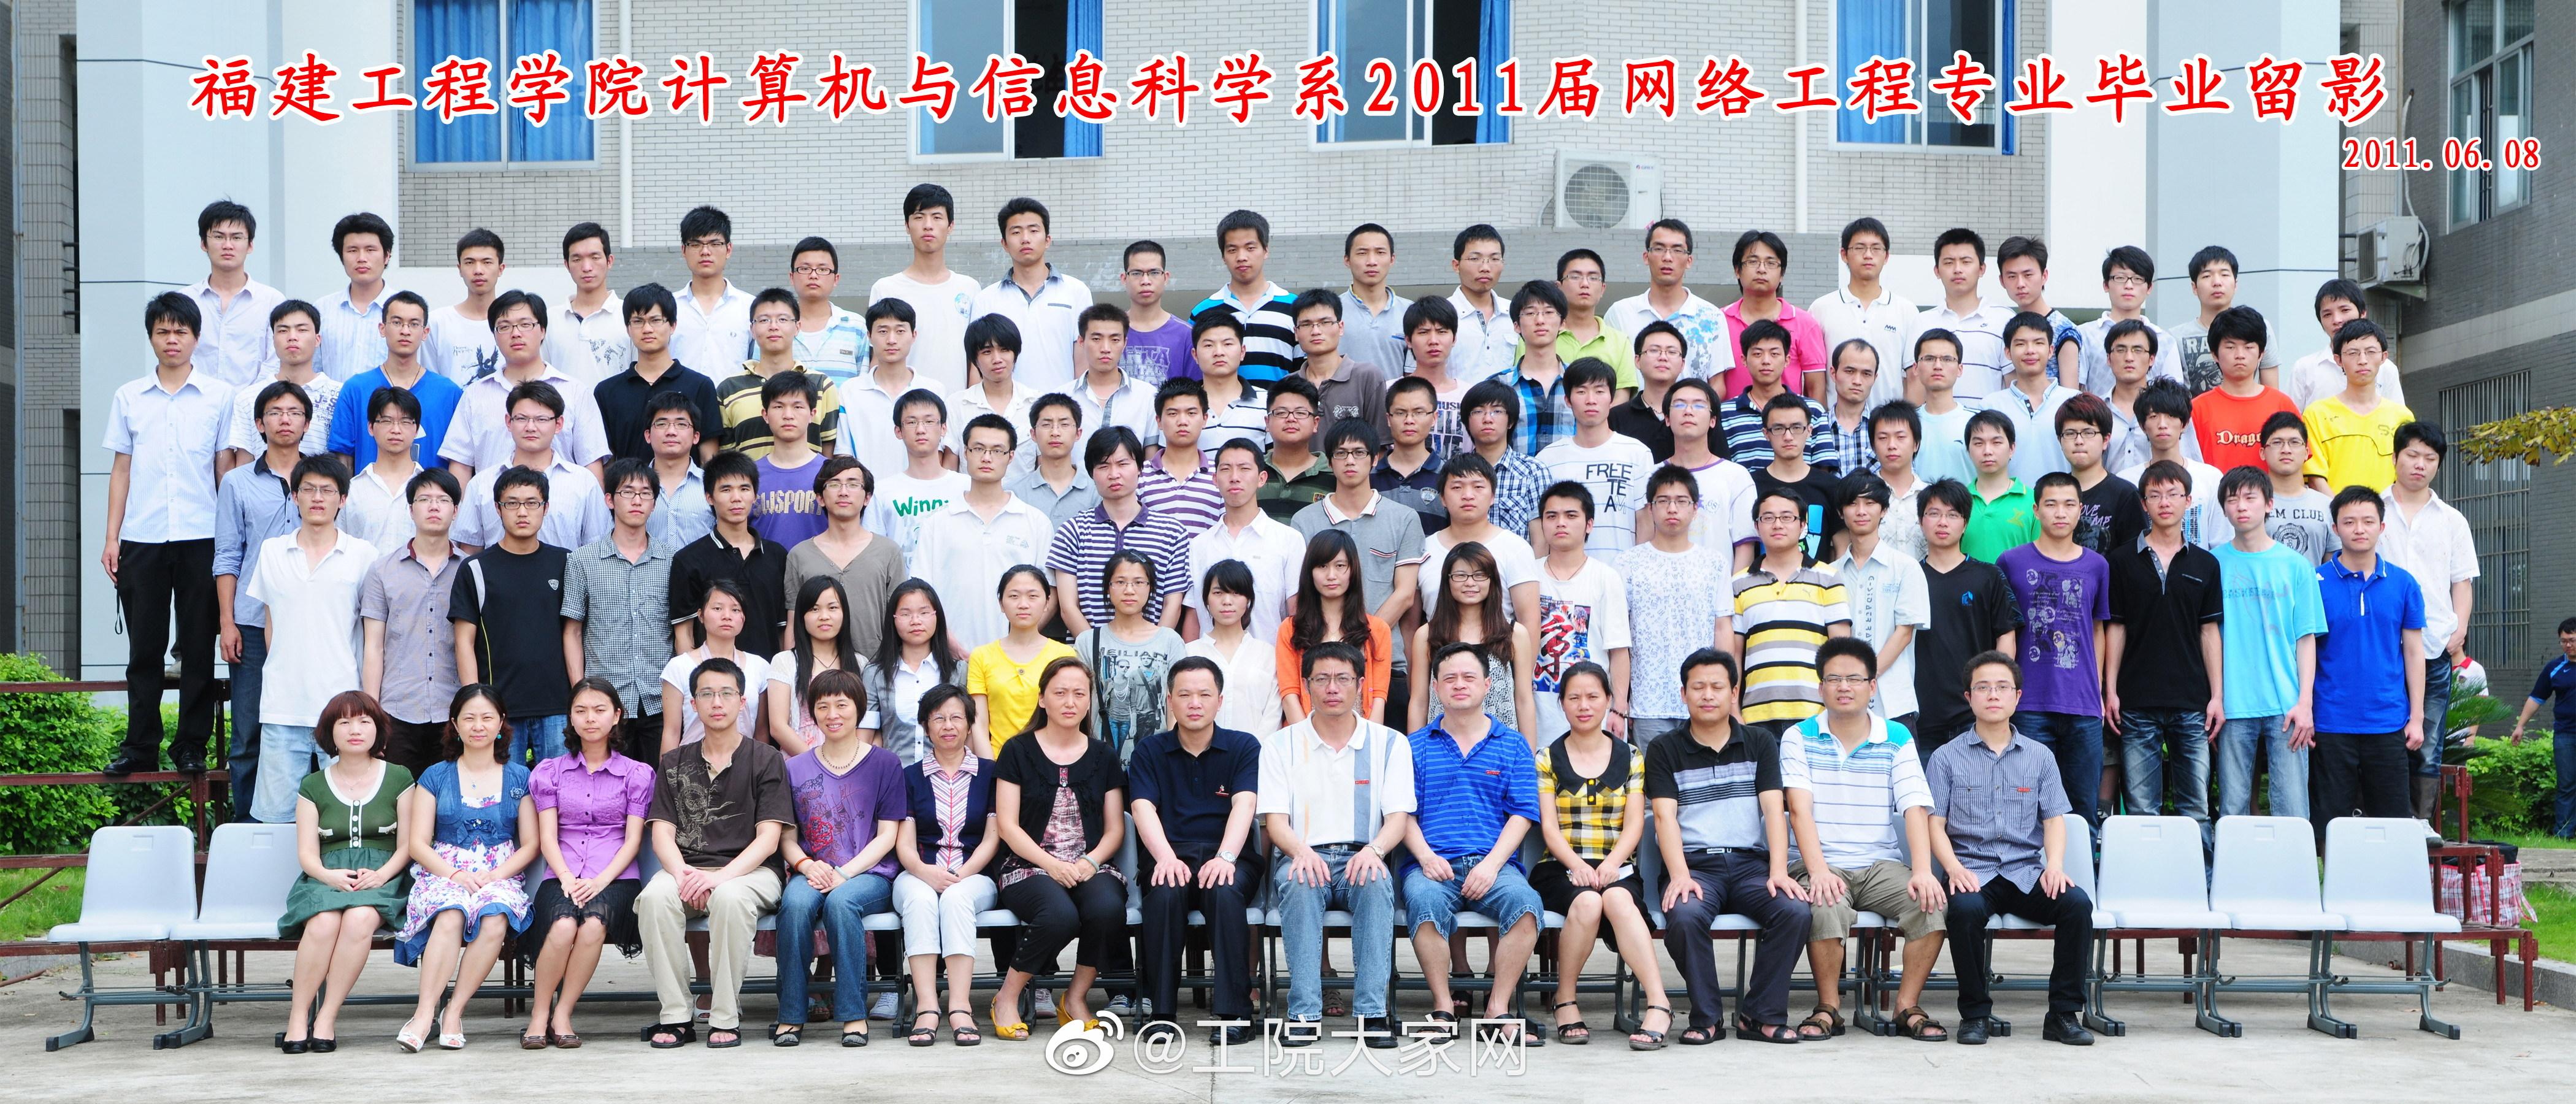 福建工程学院计算机与信息科学系2011届网络工程专业毕业留影